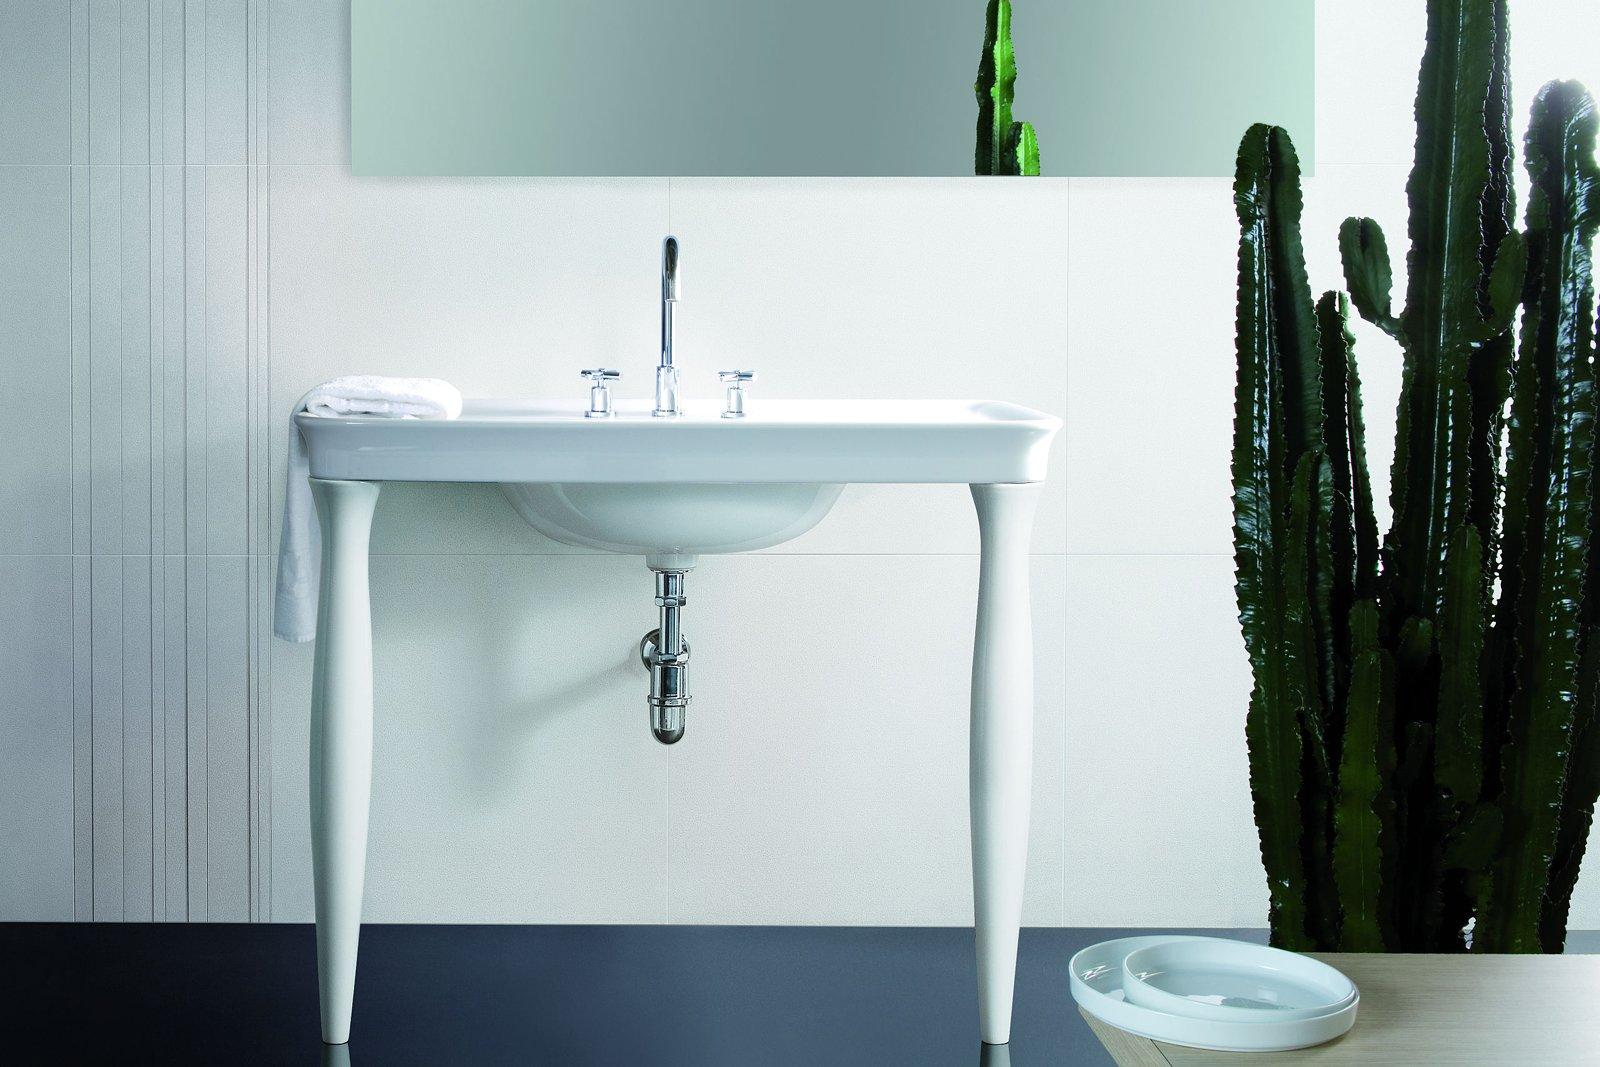 Lavabi classici lo stile anche in bagno cose di casa - Sanitari bagno ikea ...